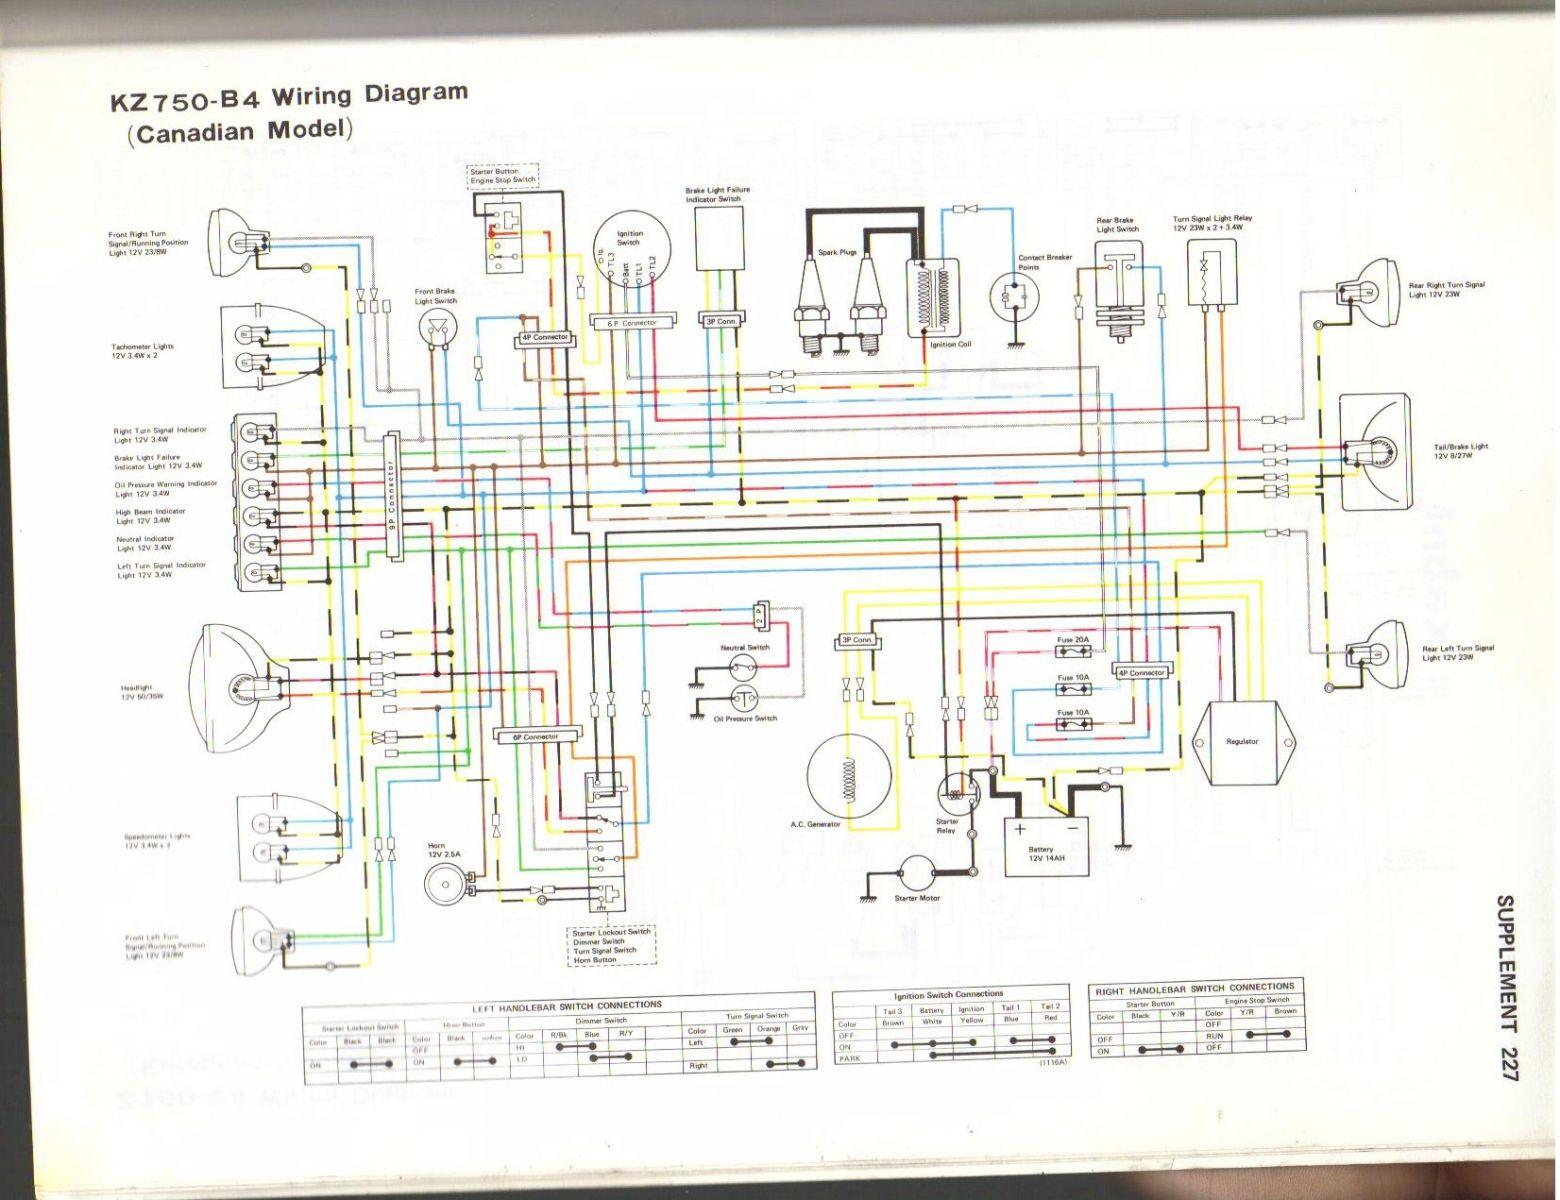 Kawasaki Kz440 Wiring Diagram Online Schematics Zg1000 1980 Coil 39 Images 1981 1982